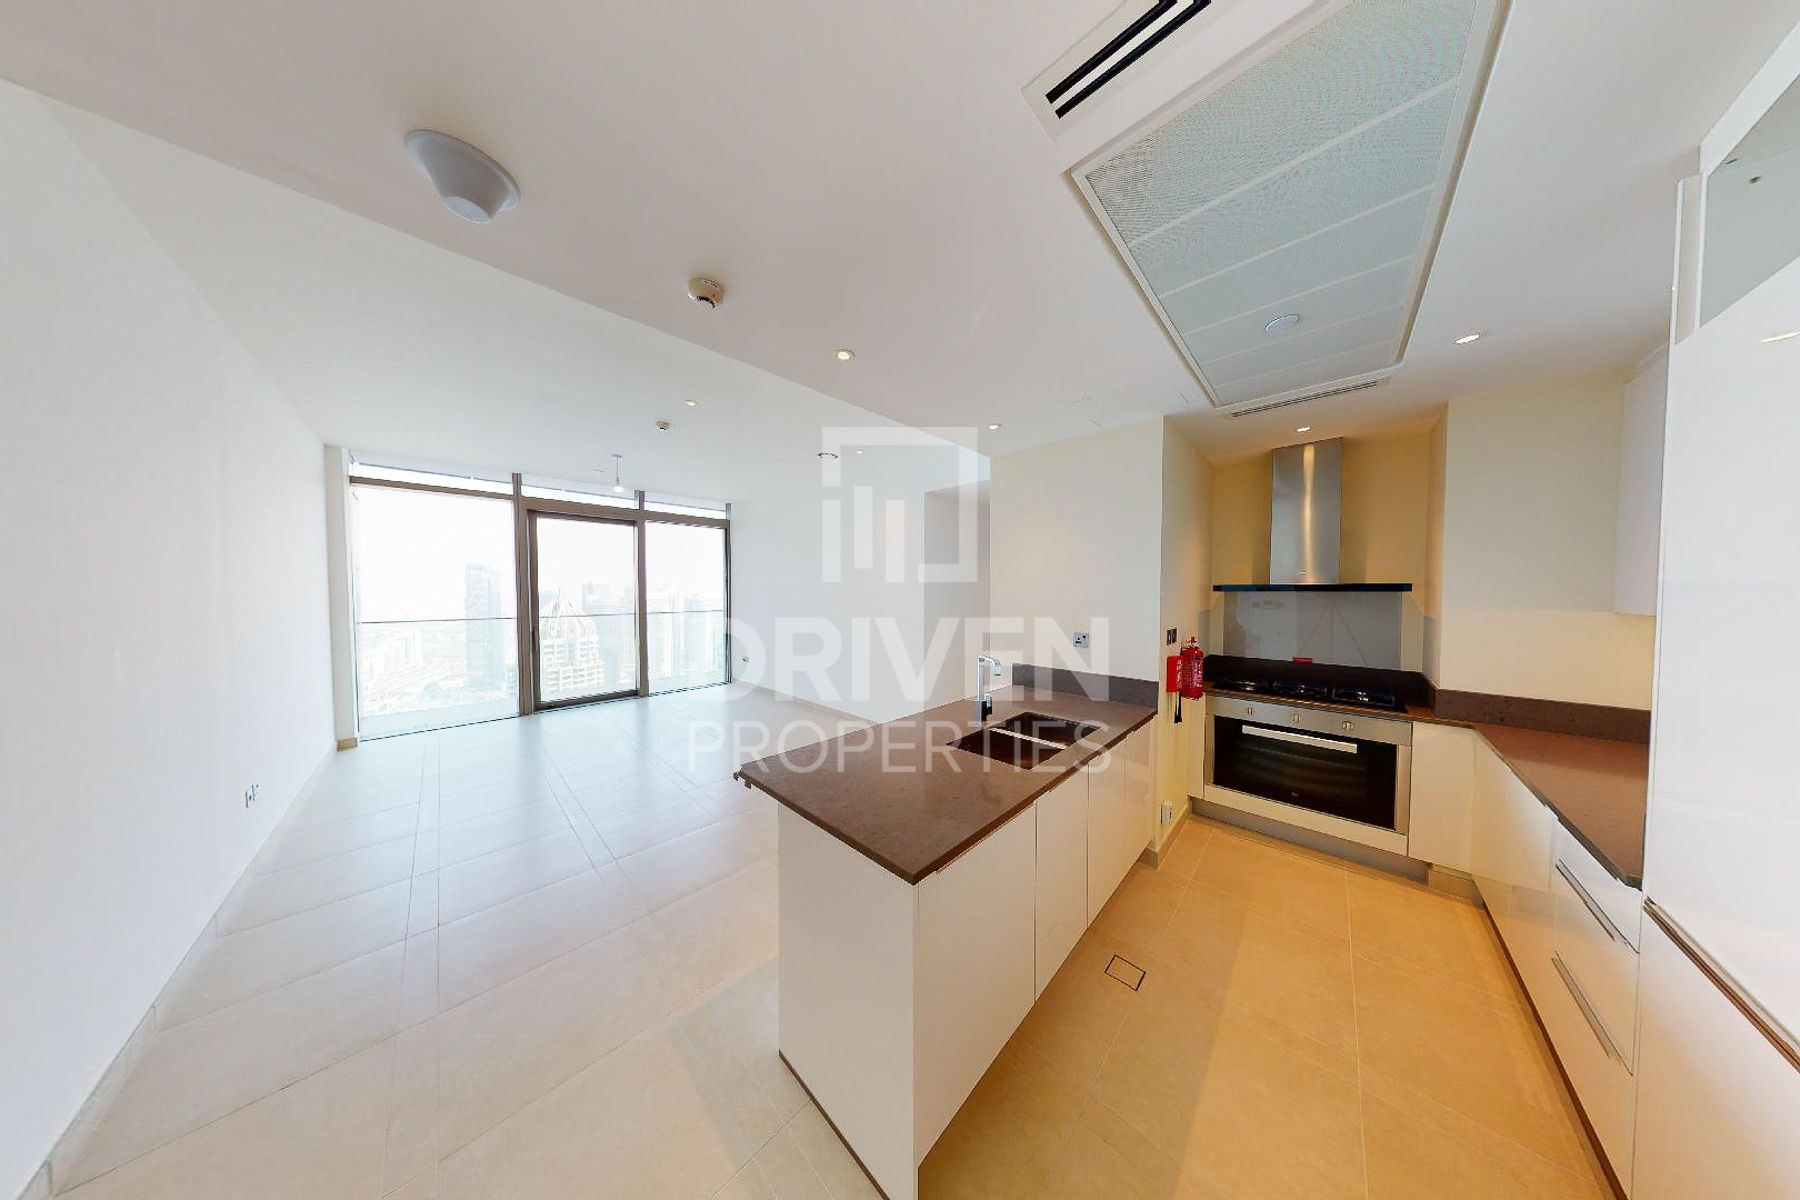 Best Deal | Marina View | High Floor Lvl